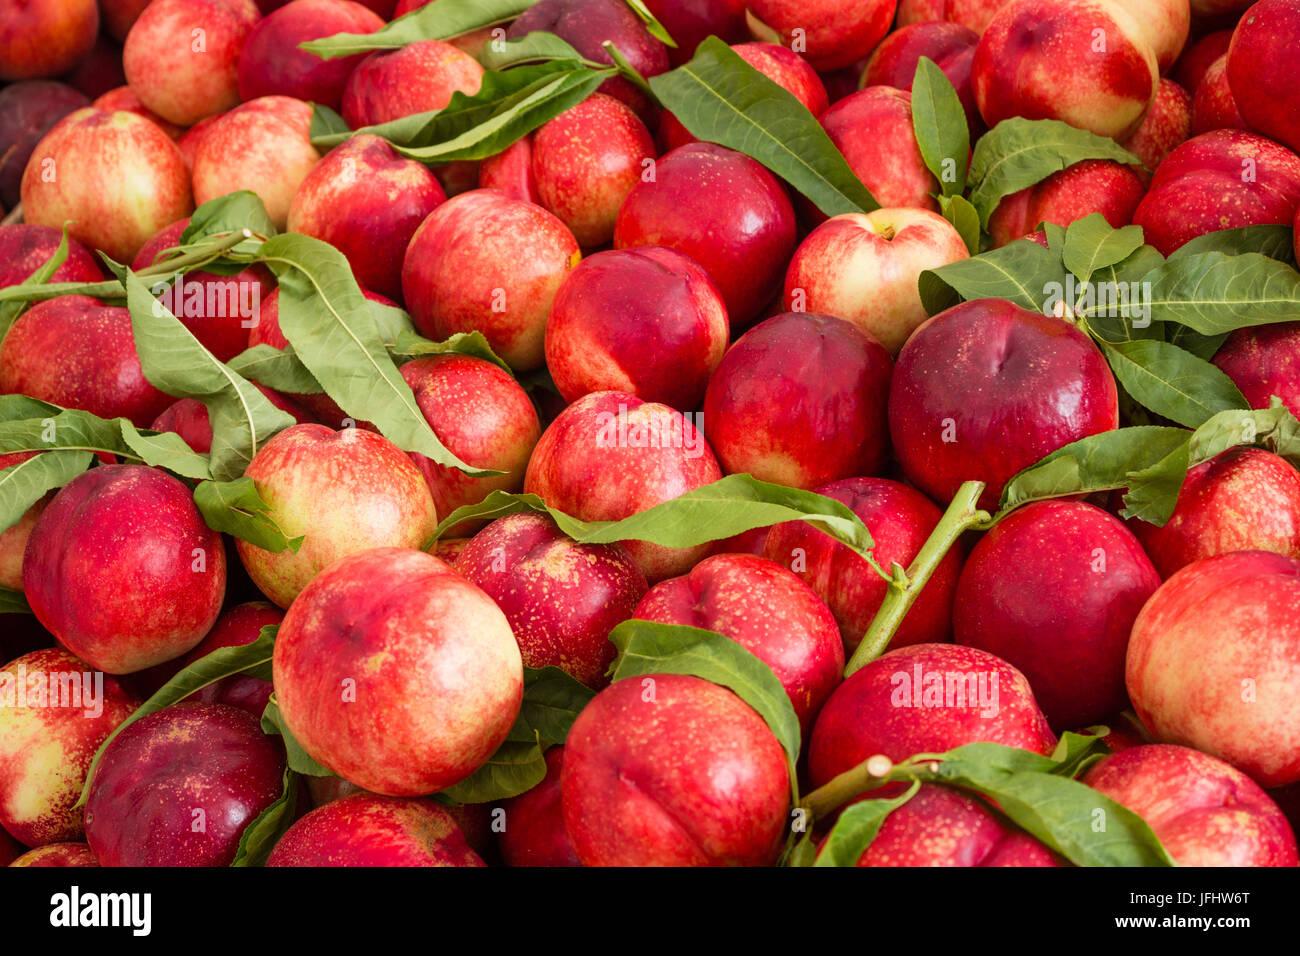 fruit background, nectarines / peaches fruity - Stock Image